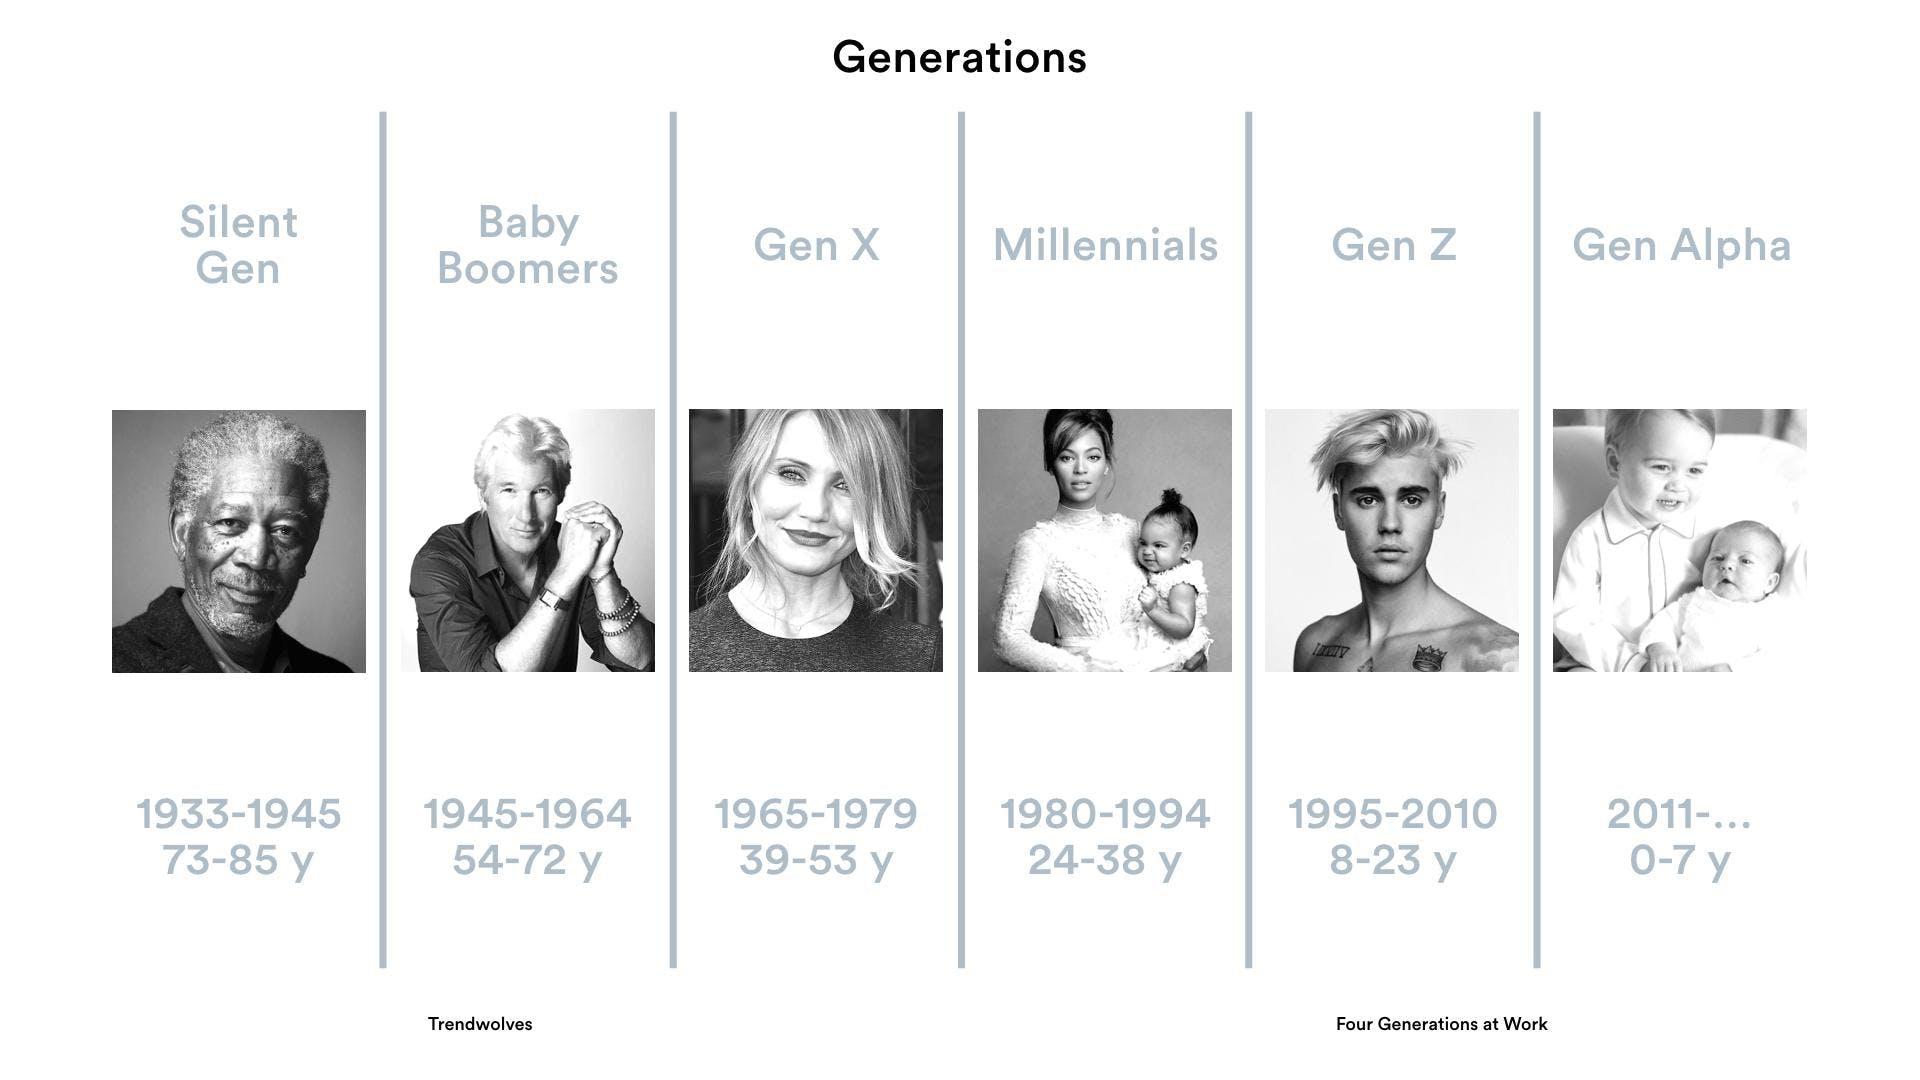 Generatie Z de vierde generatie op de werkvloer